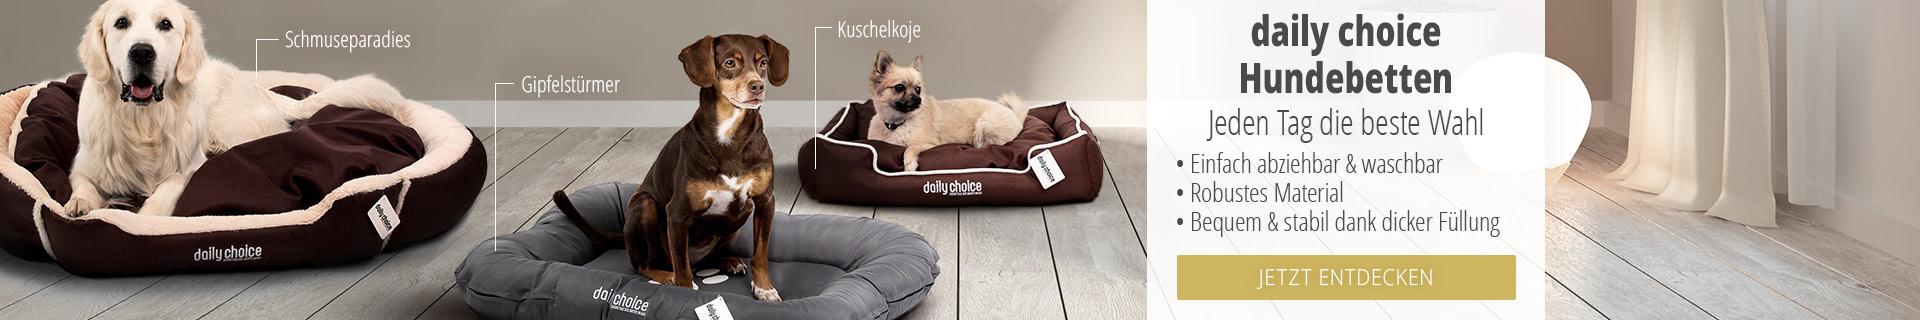 Jetzt die daily choice Hundebetten entdecken